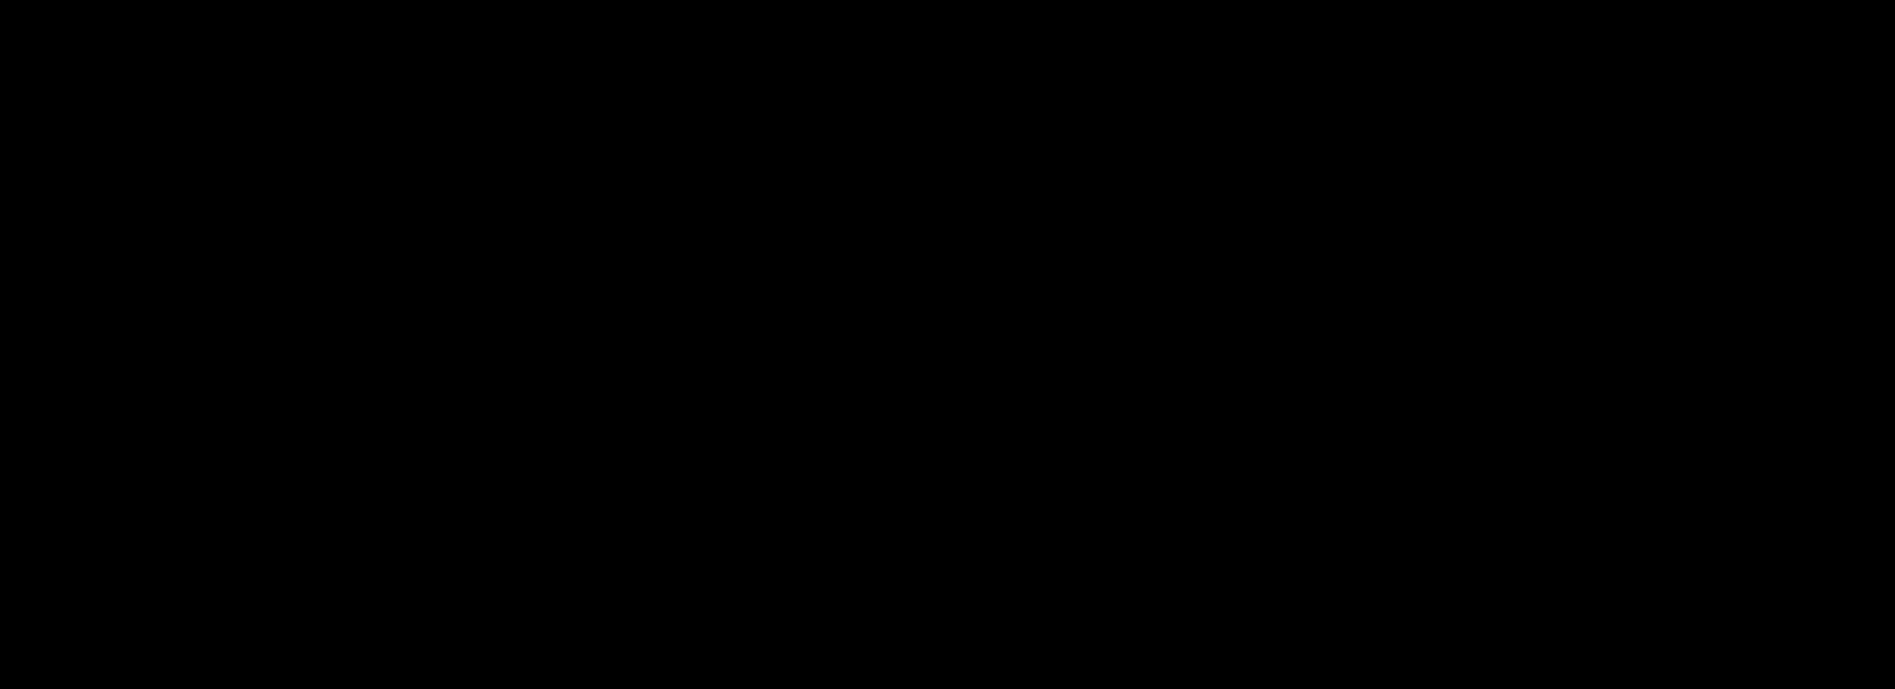 startling dark new logo white